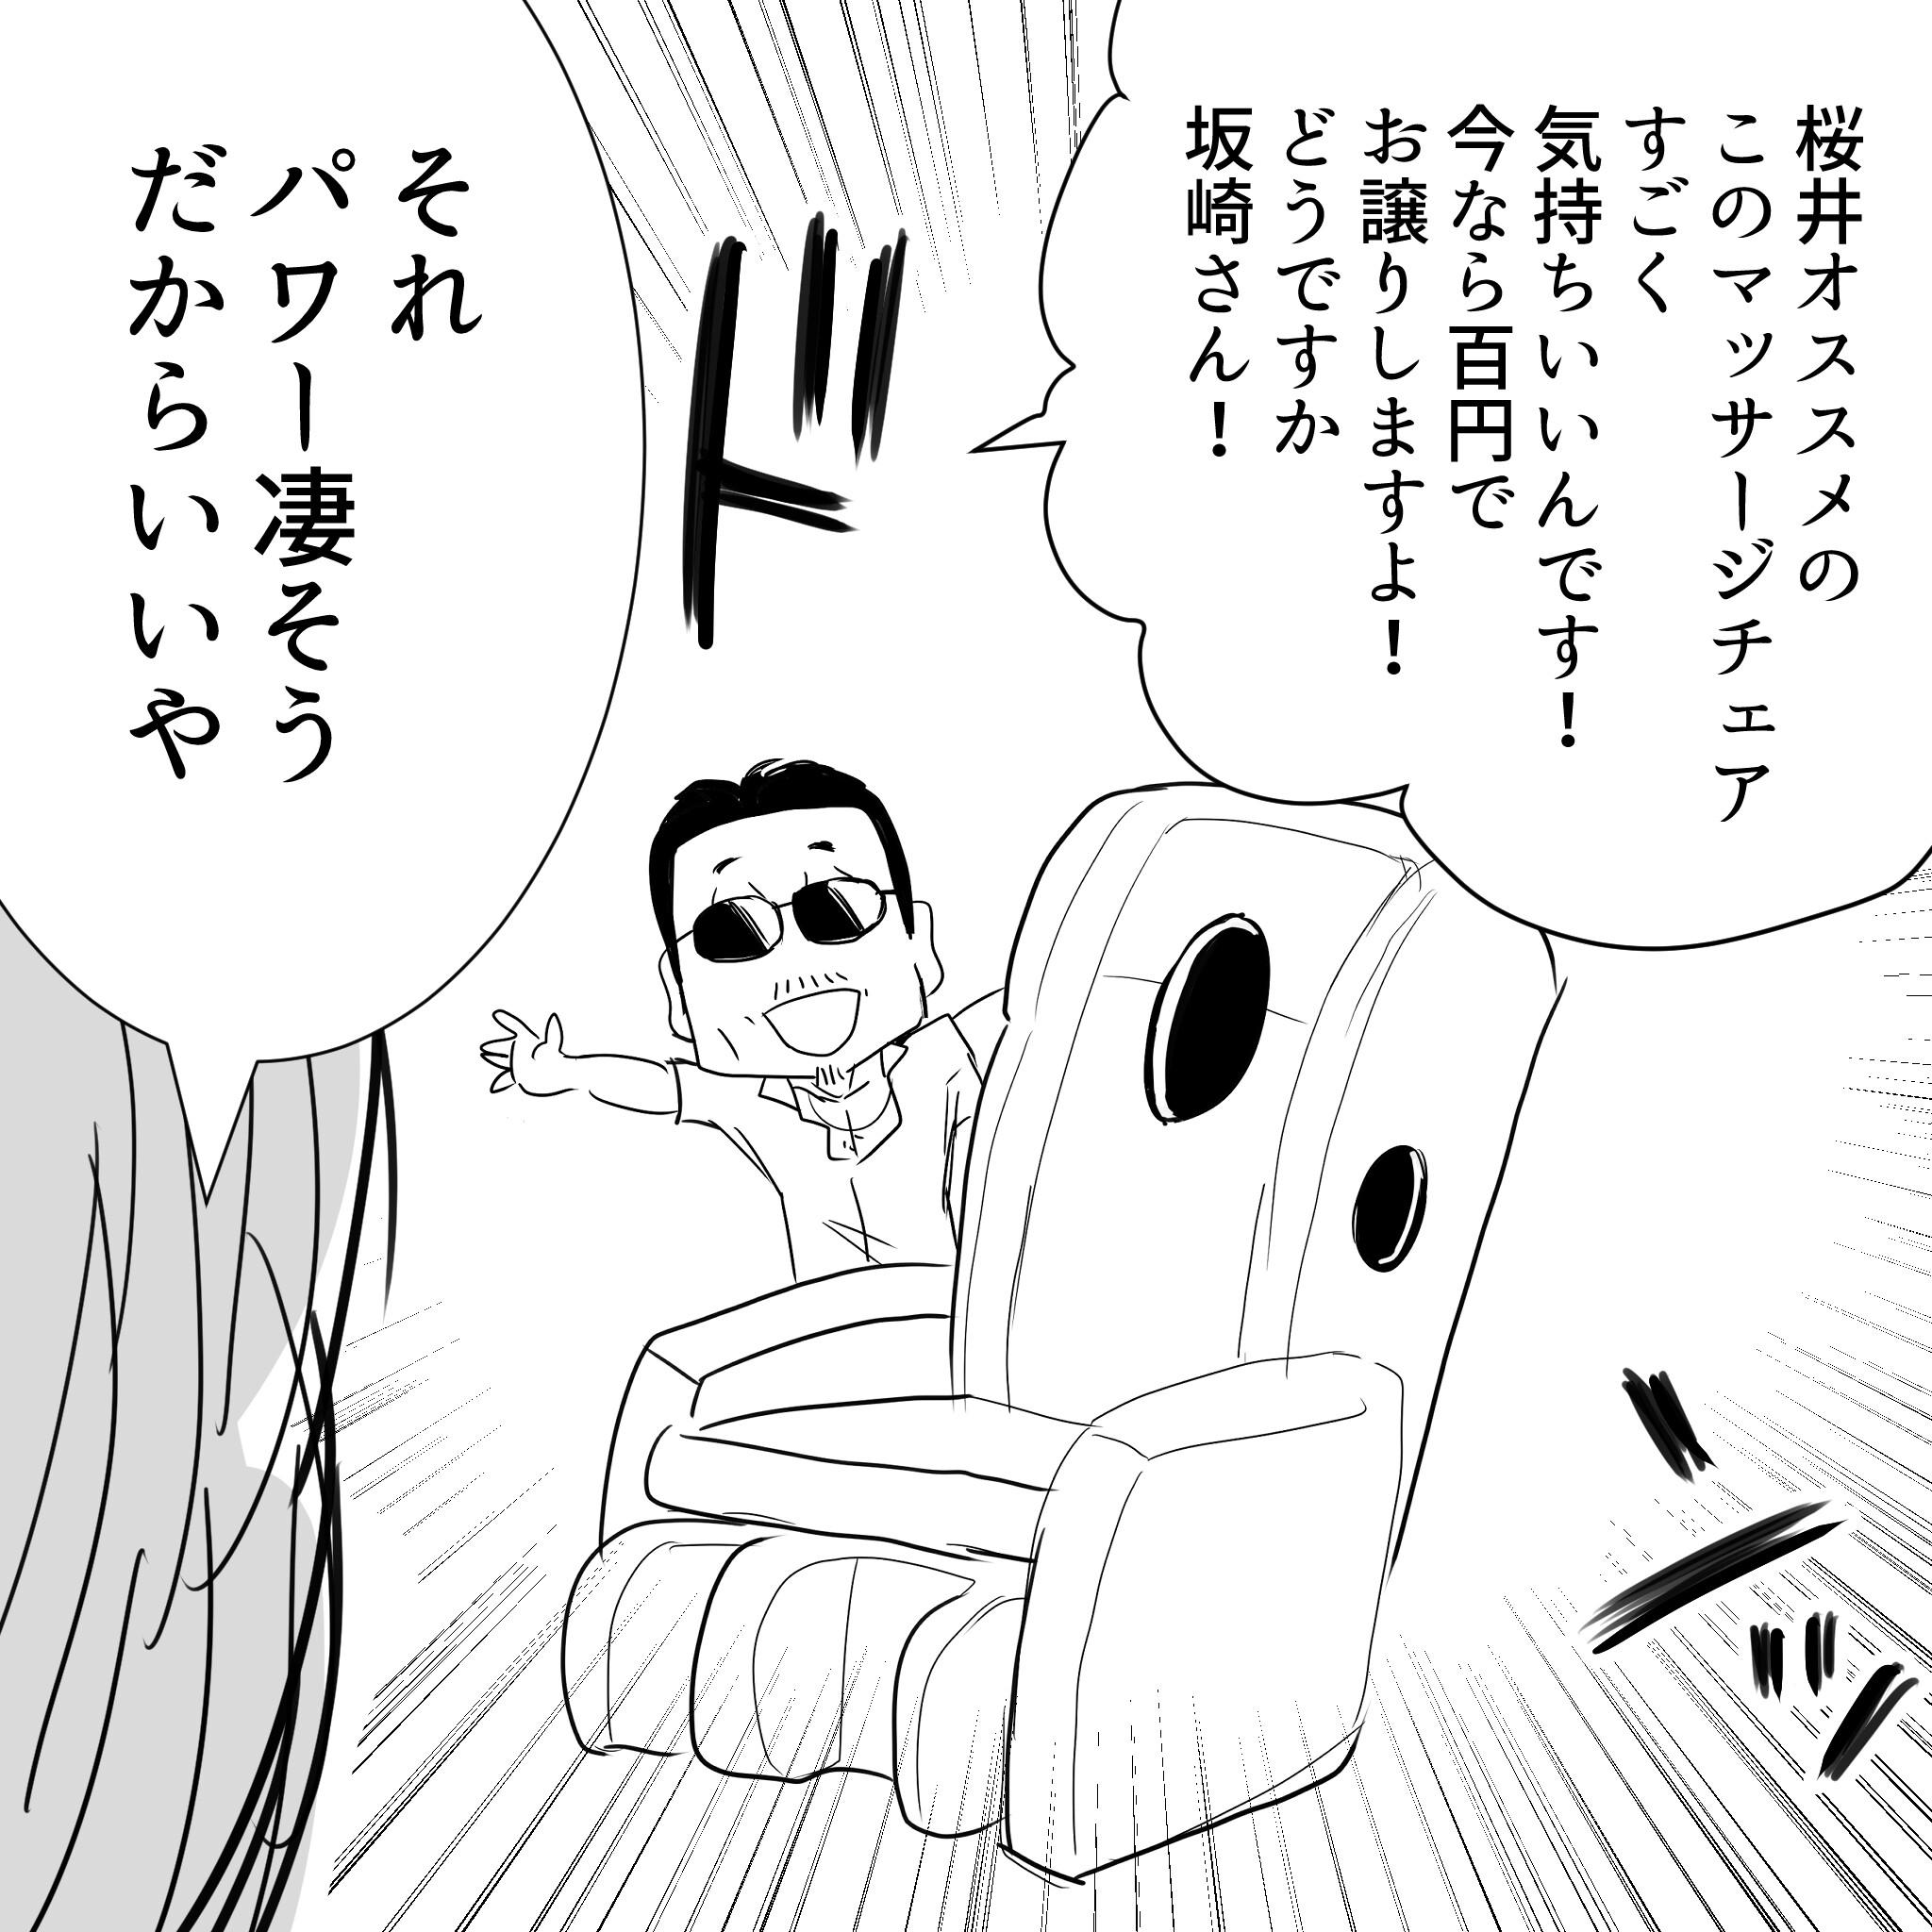 坂崎さんのマッサージチェア3